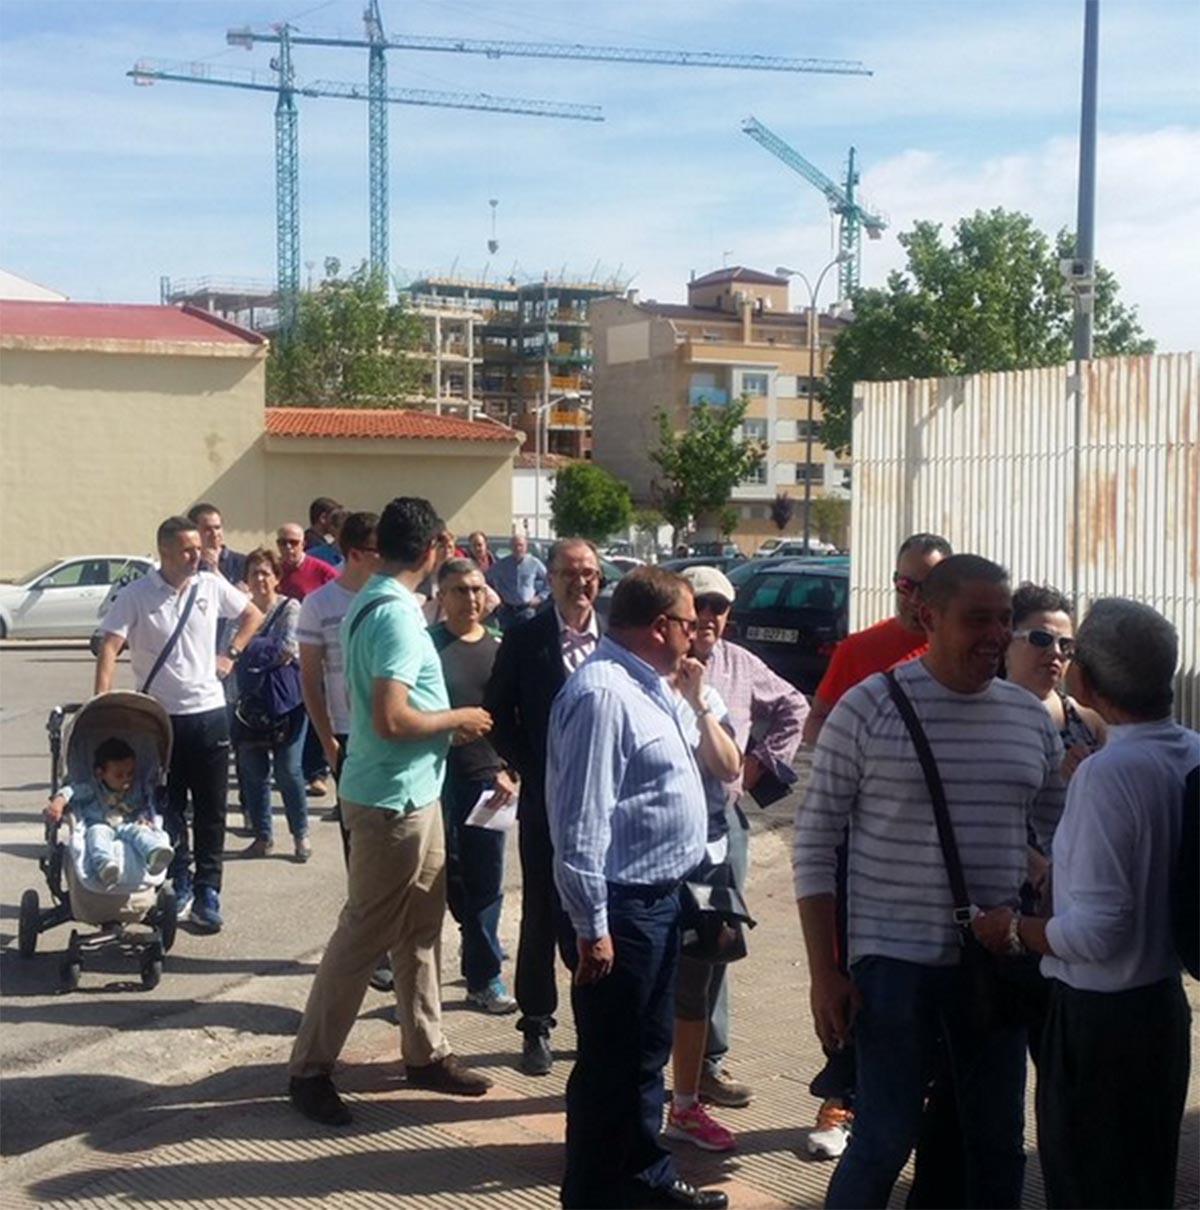 La marcha de la venta de entradas para el Albacete-Lorca va bien, según el club